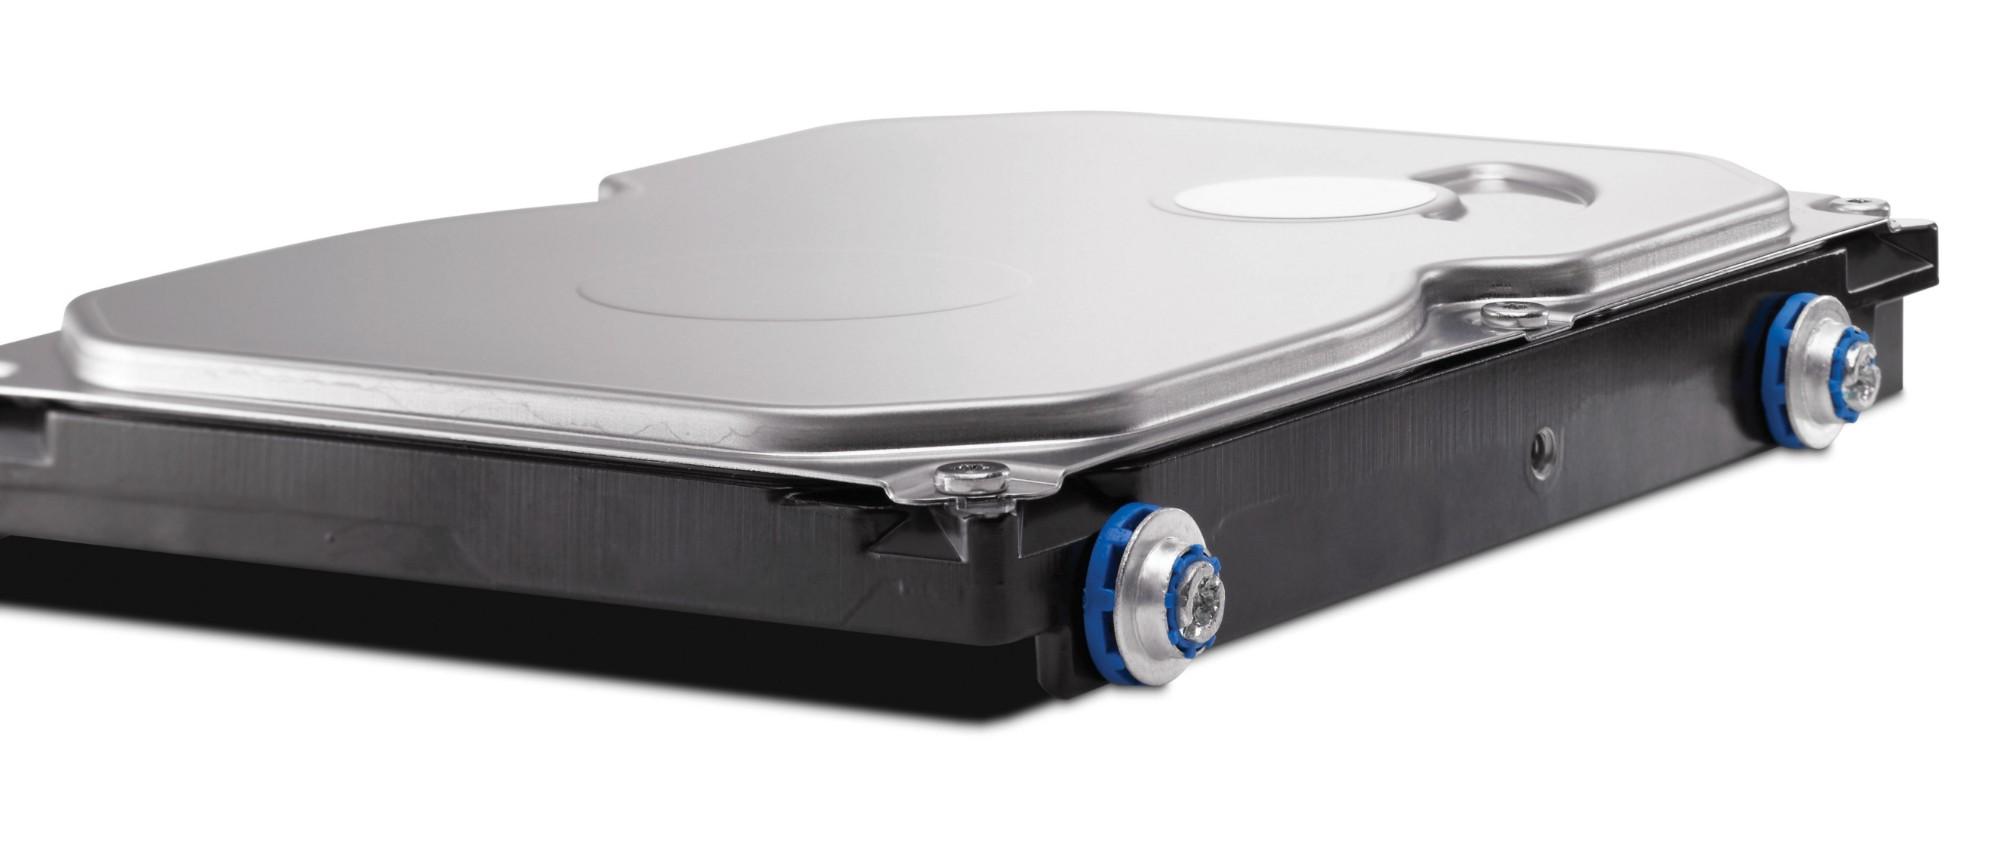 Hard Drive 1TB 7200rpm SATA (NCQ/Smart IV) 6GBp/s